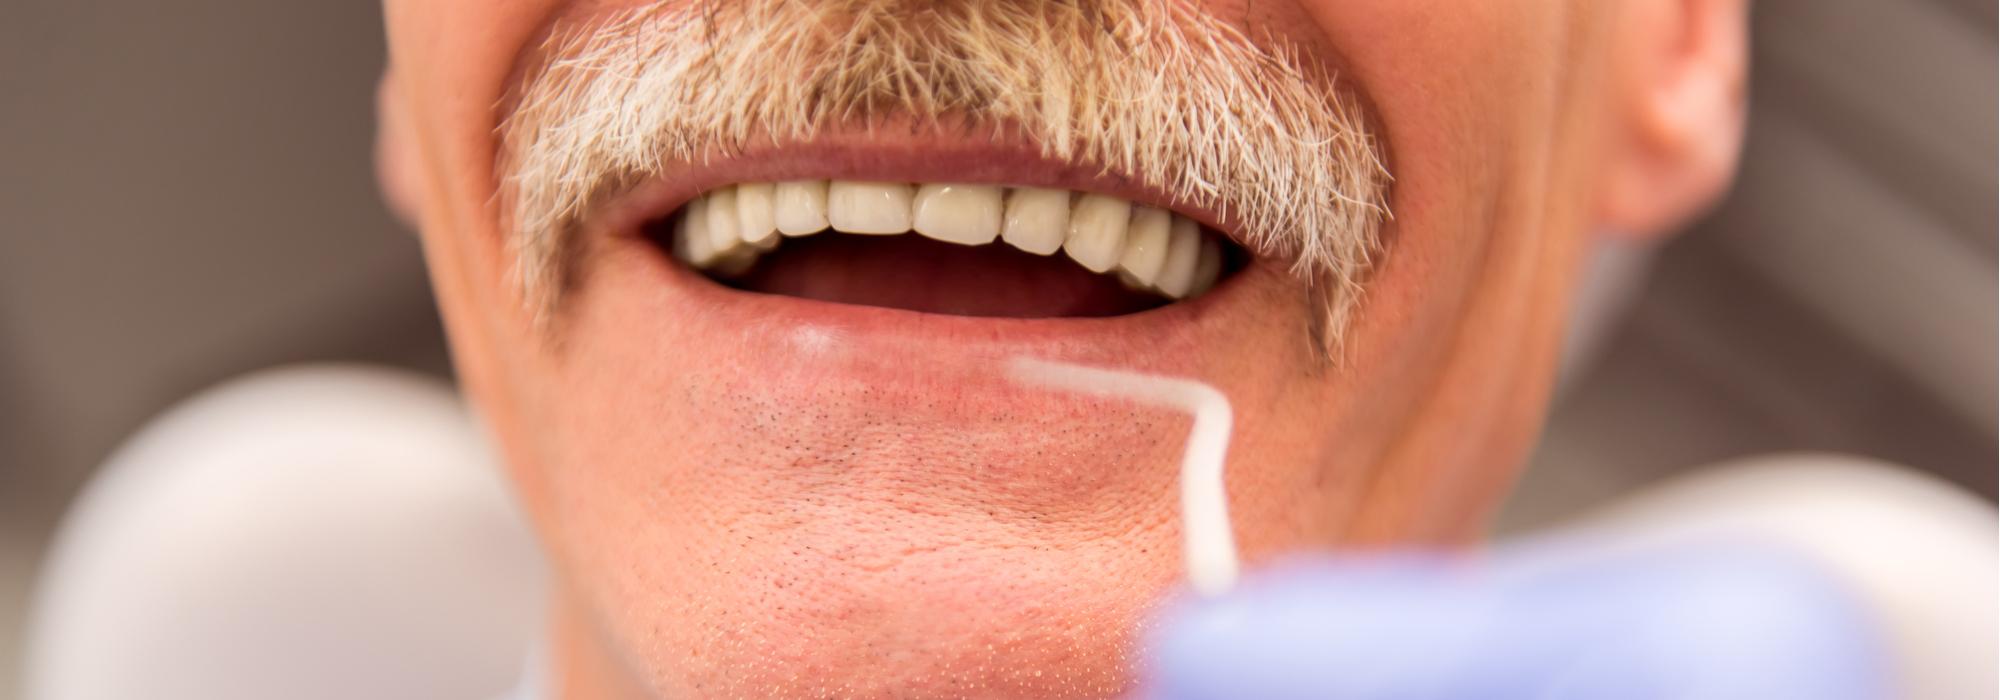 snap-in dentures cost